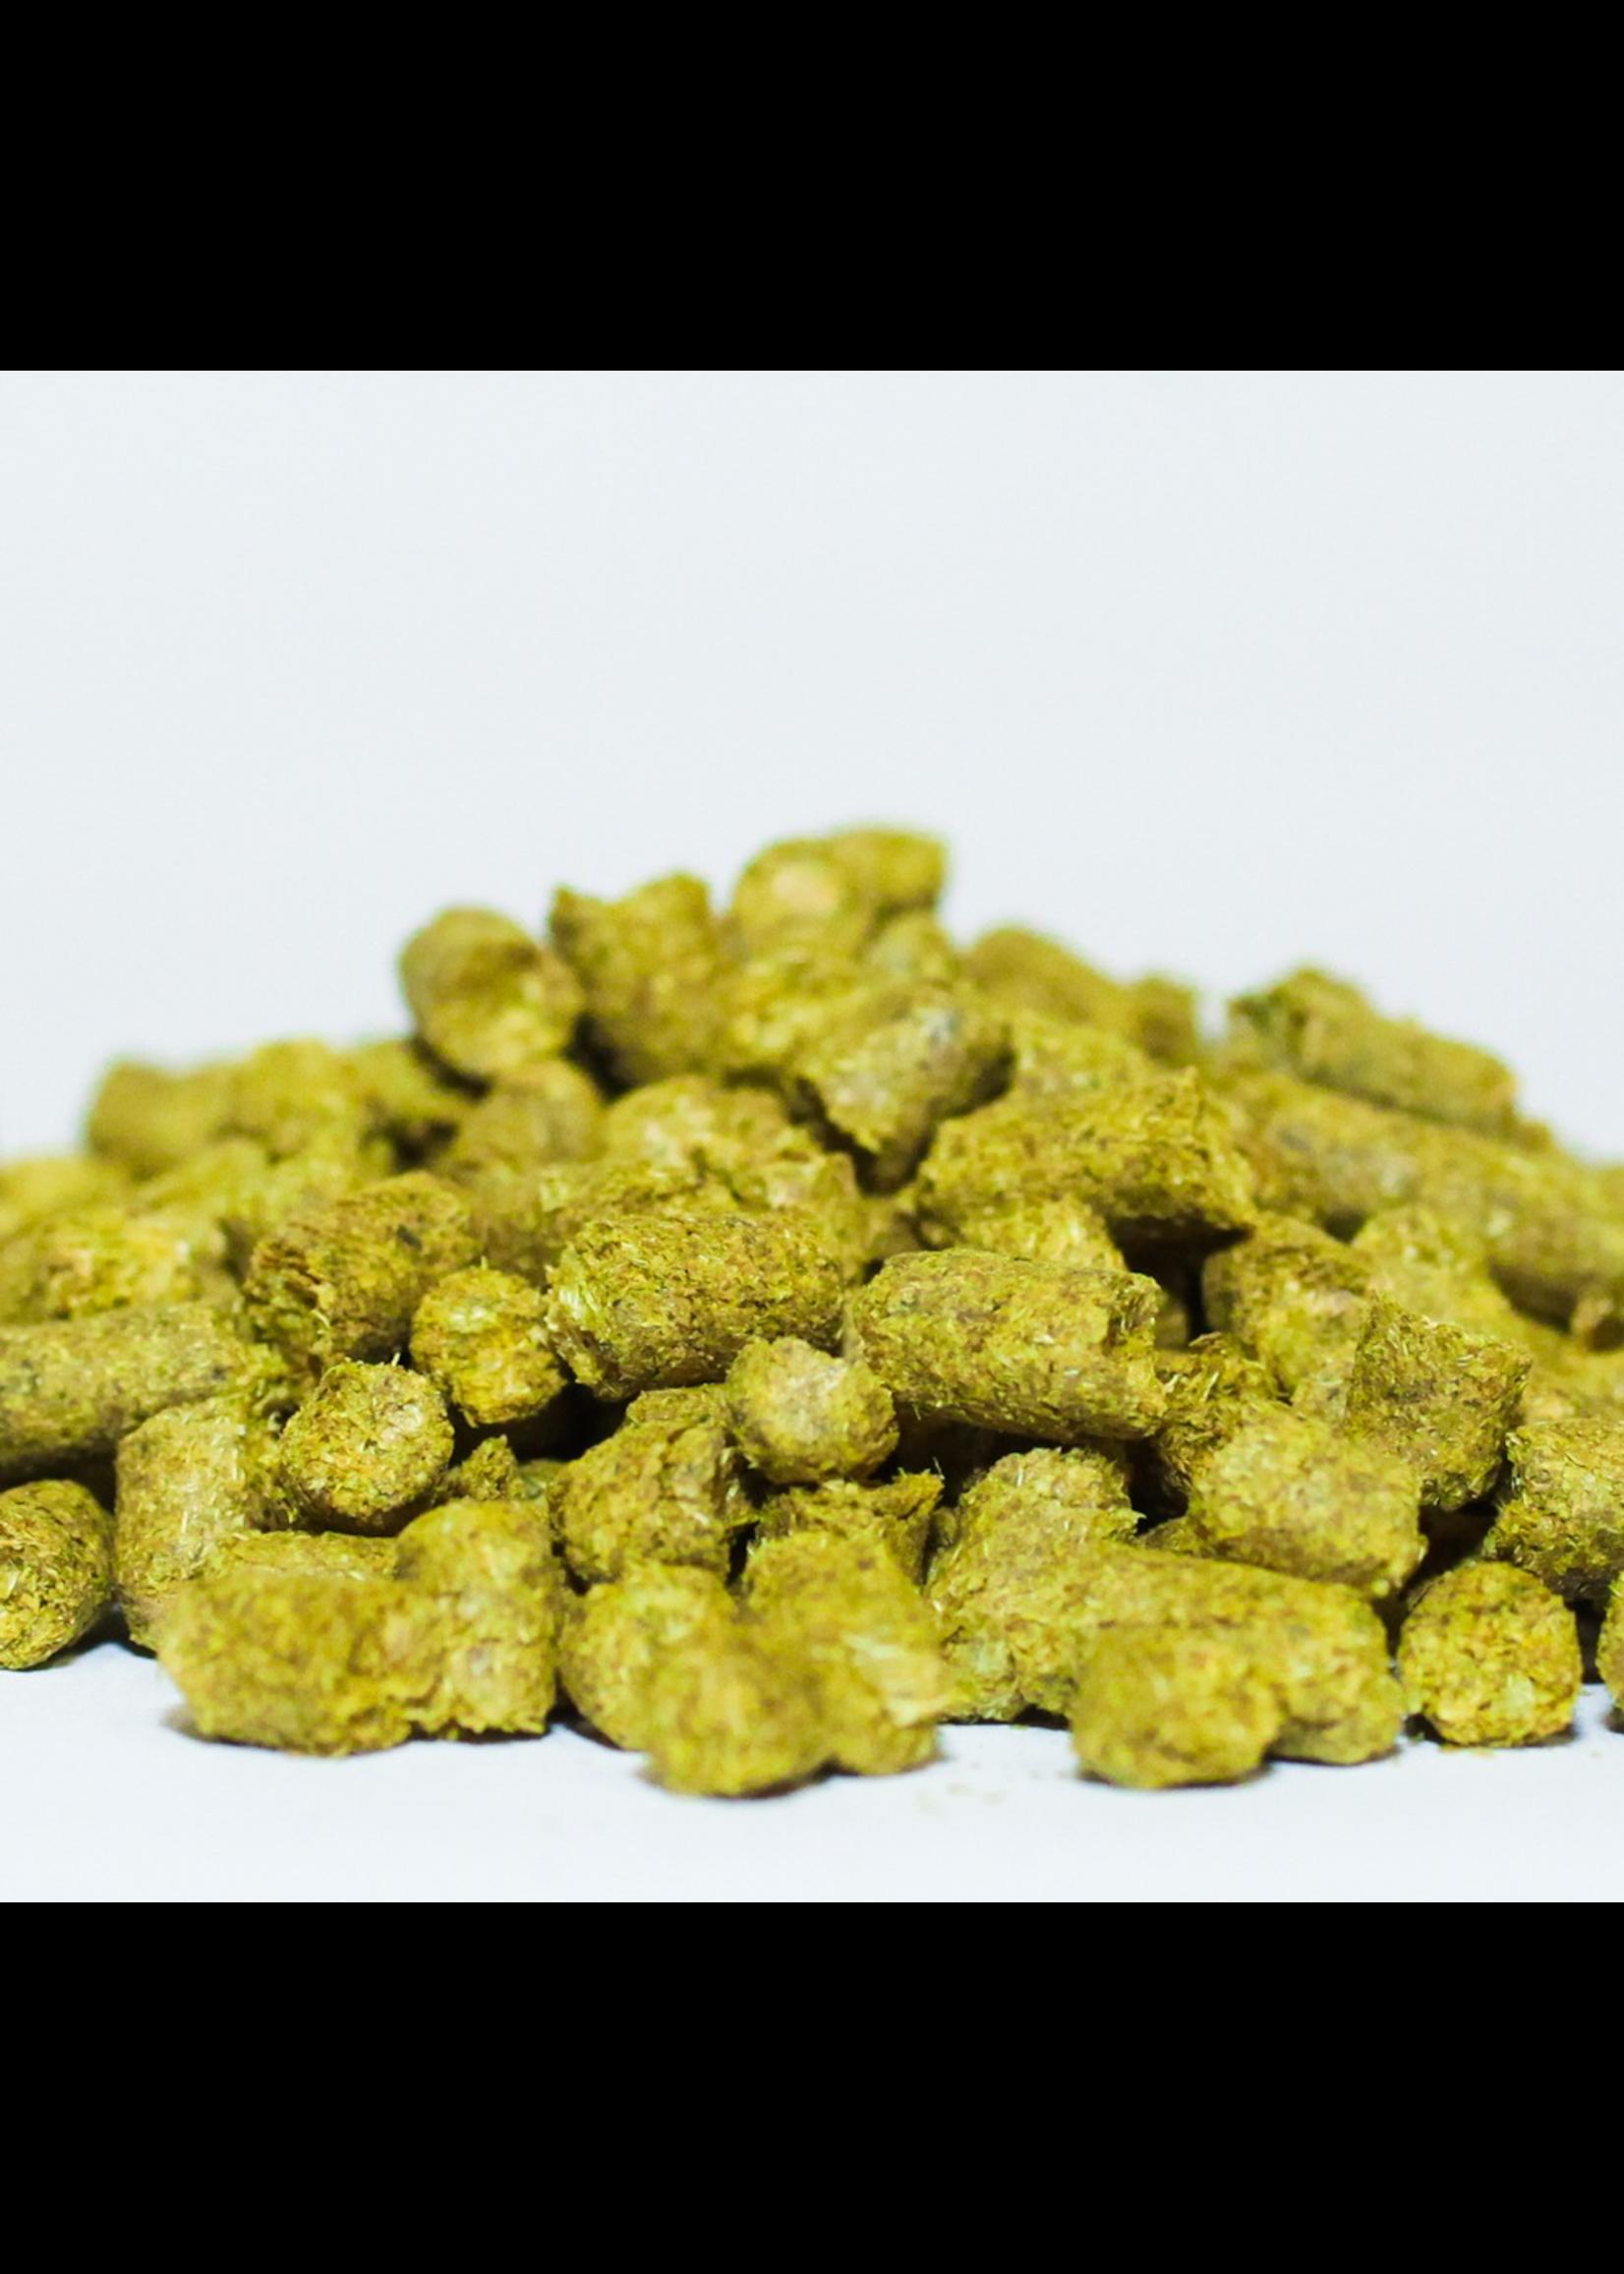 Hops Zythos® Hops (US) - Pellets - 1 LB